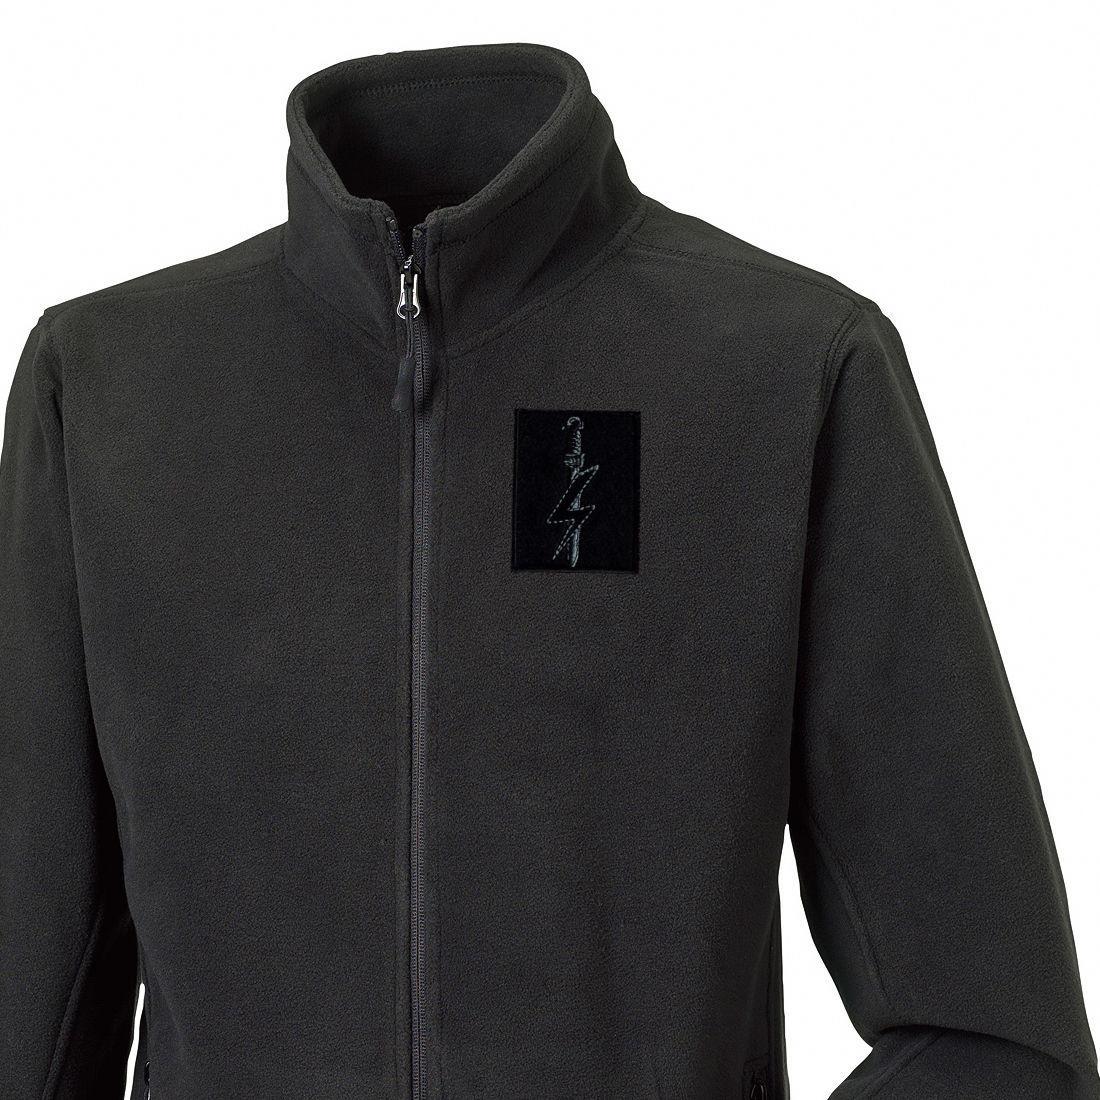 Fleece Jacket - Black - SFSG (Black Subdued)